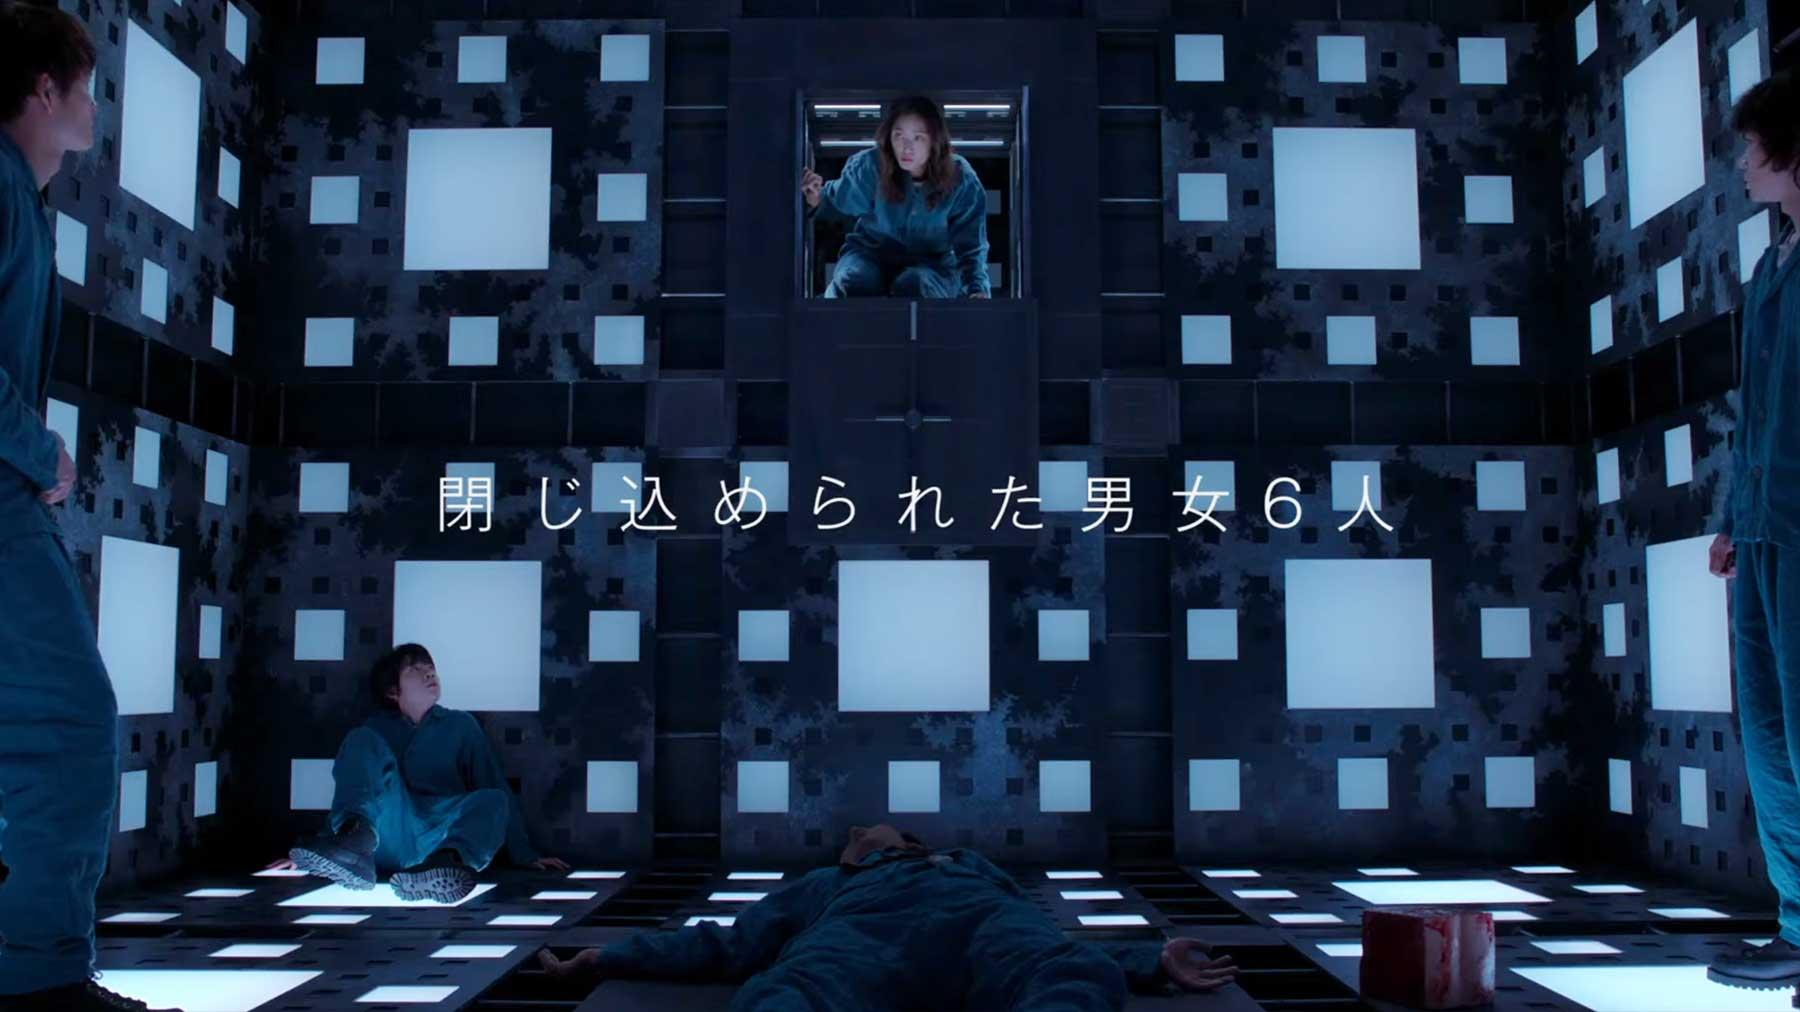 The Cube: Trailer zum japanischen Remake des Films The-Cube-japanisches-remake